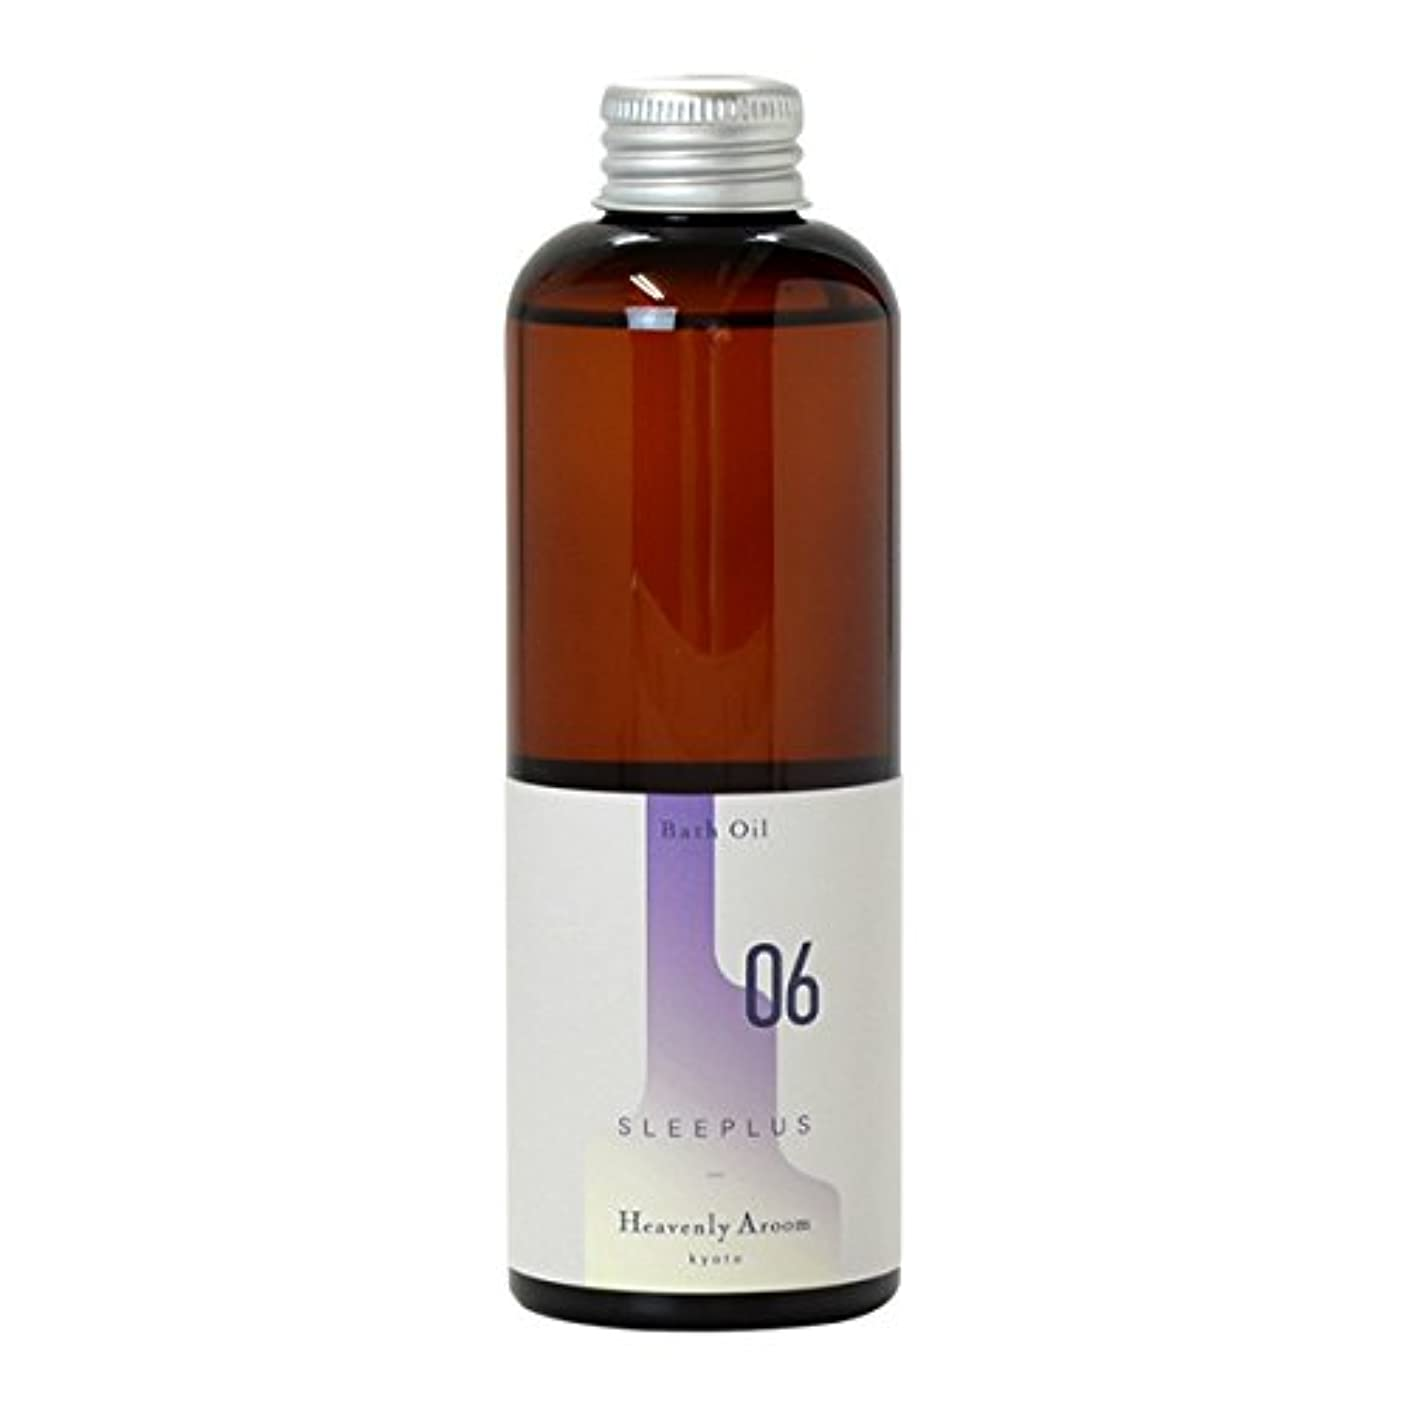 年経済的単調なHeavenly Aroom バスオイル SLEEPLUS 06 ラベンダーバニラ 200ml